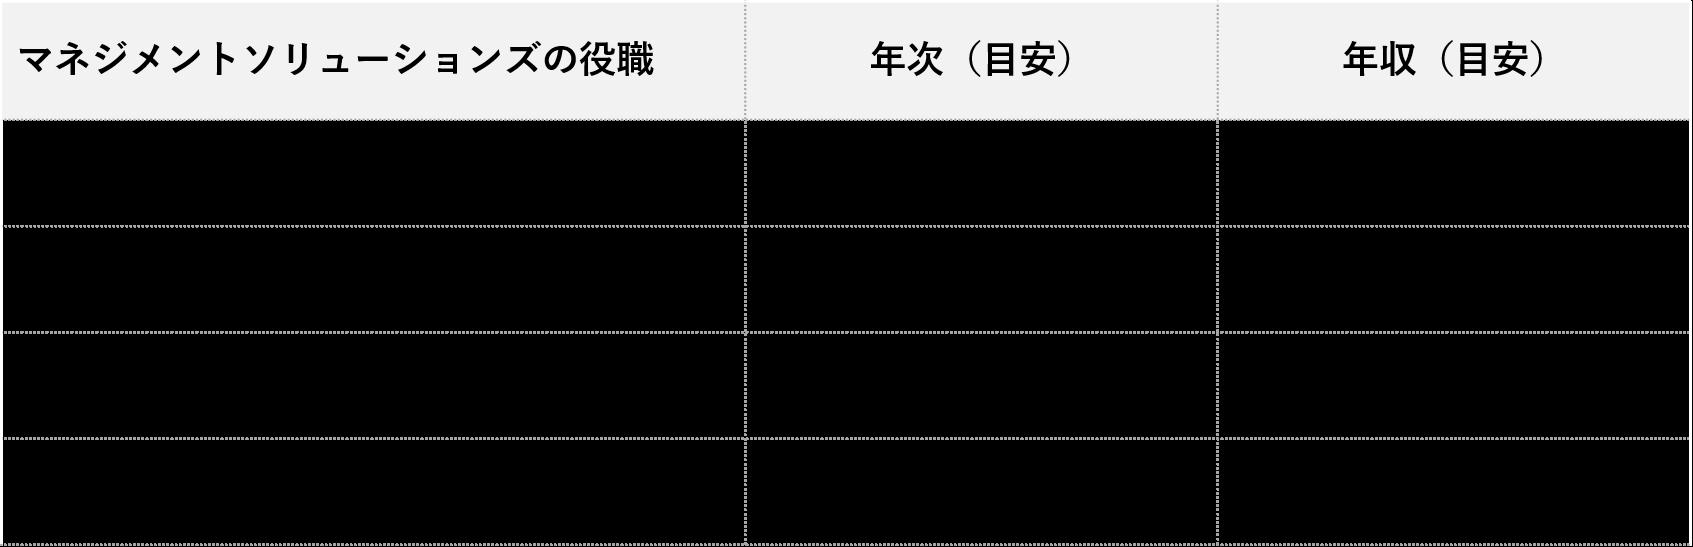 マネジメントソリューションズ年収